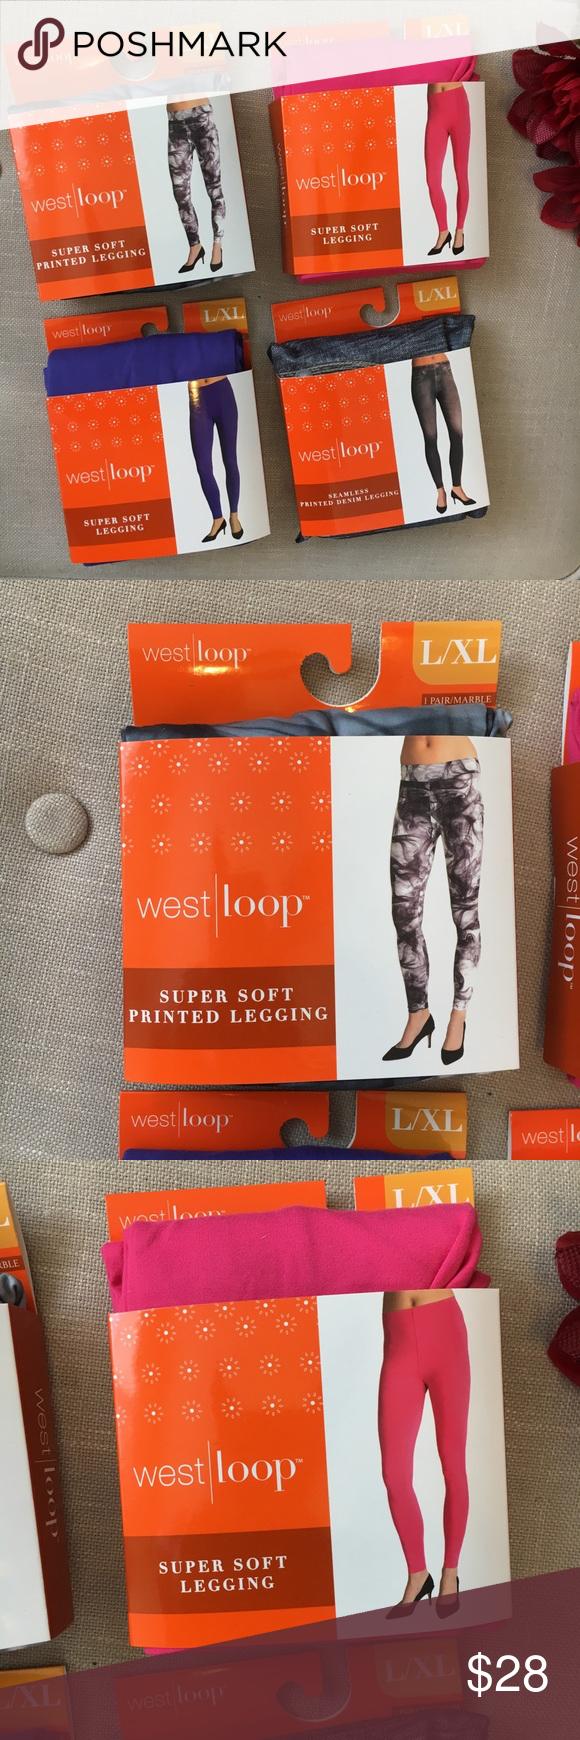 0bf1cd559ce227 West Loop Super Soft Legging Bundle This West Loop Super Soft Legging Bundle  includes 4 pair